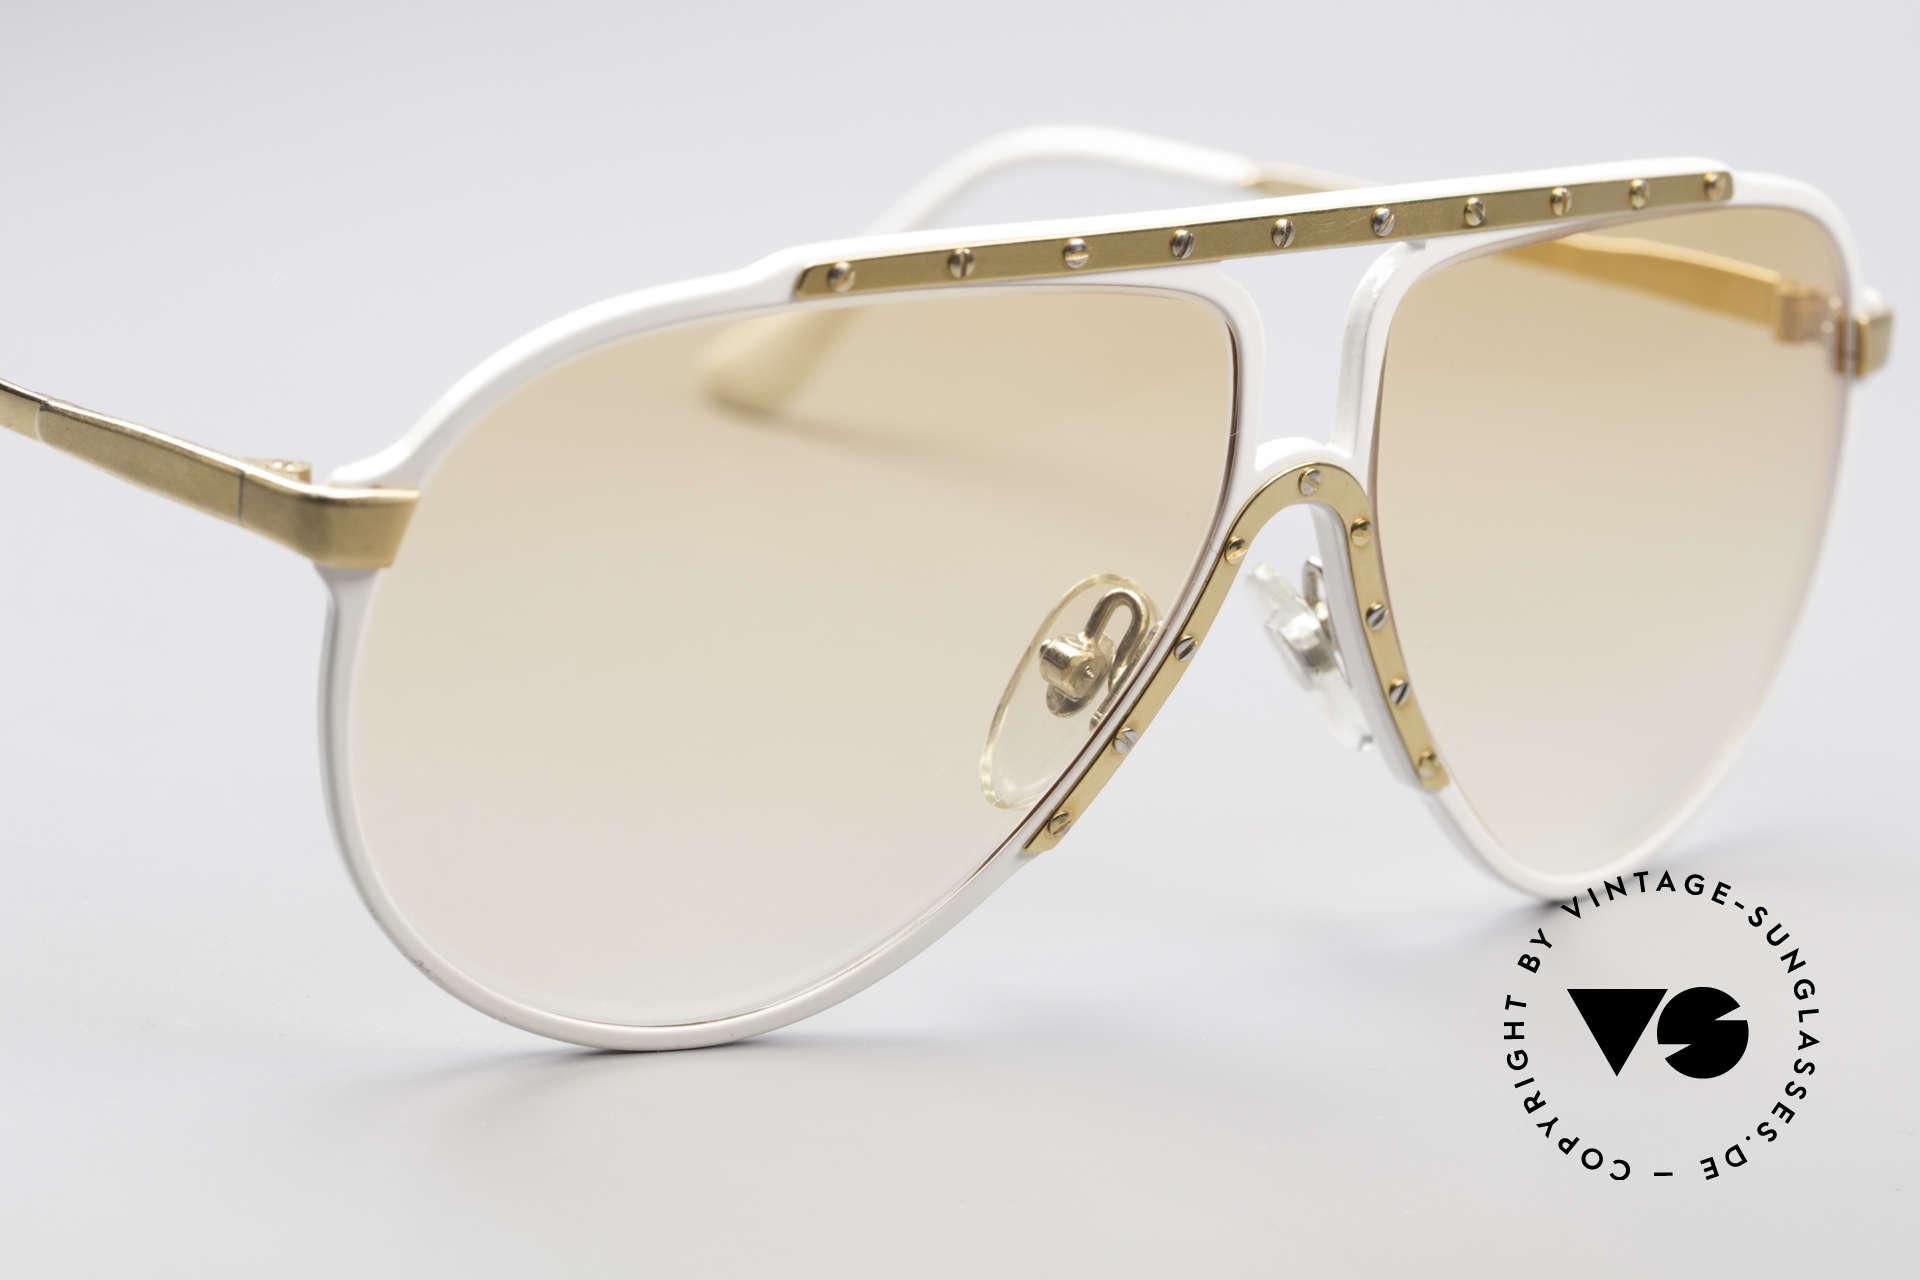 Alpina M1 80er Jahre Kultsonnenbrille, eine der meistgesuchten vintage Sonnenbrillen, Passend für Herren und Damen